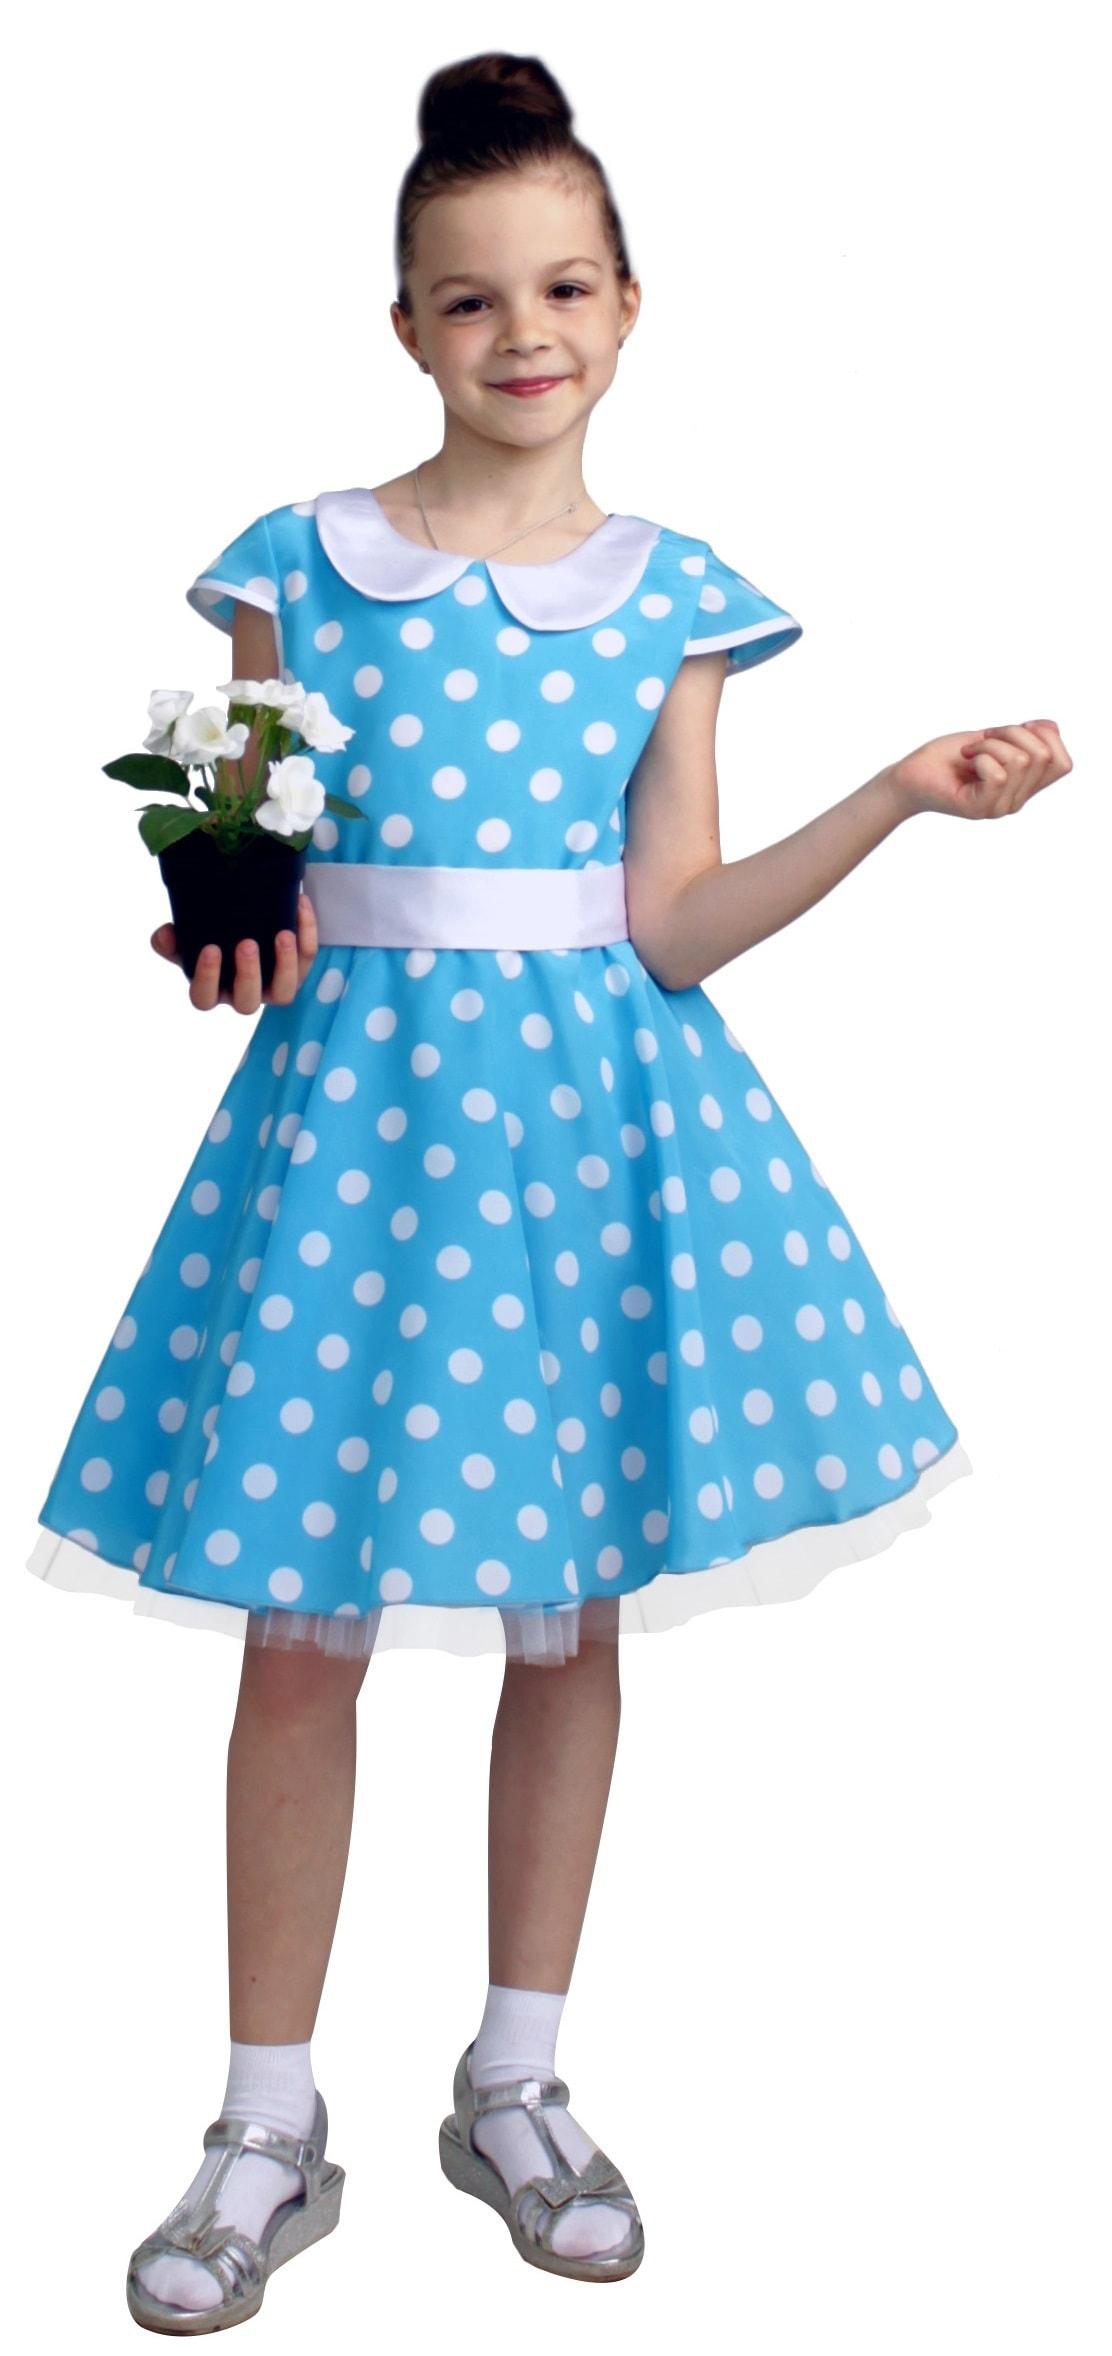 4a8c275a2695e77 Платье стиляги голубое детское p0159 купить в интернет-магазине - My ...